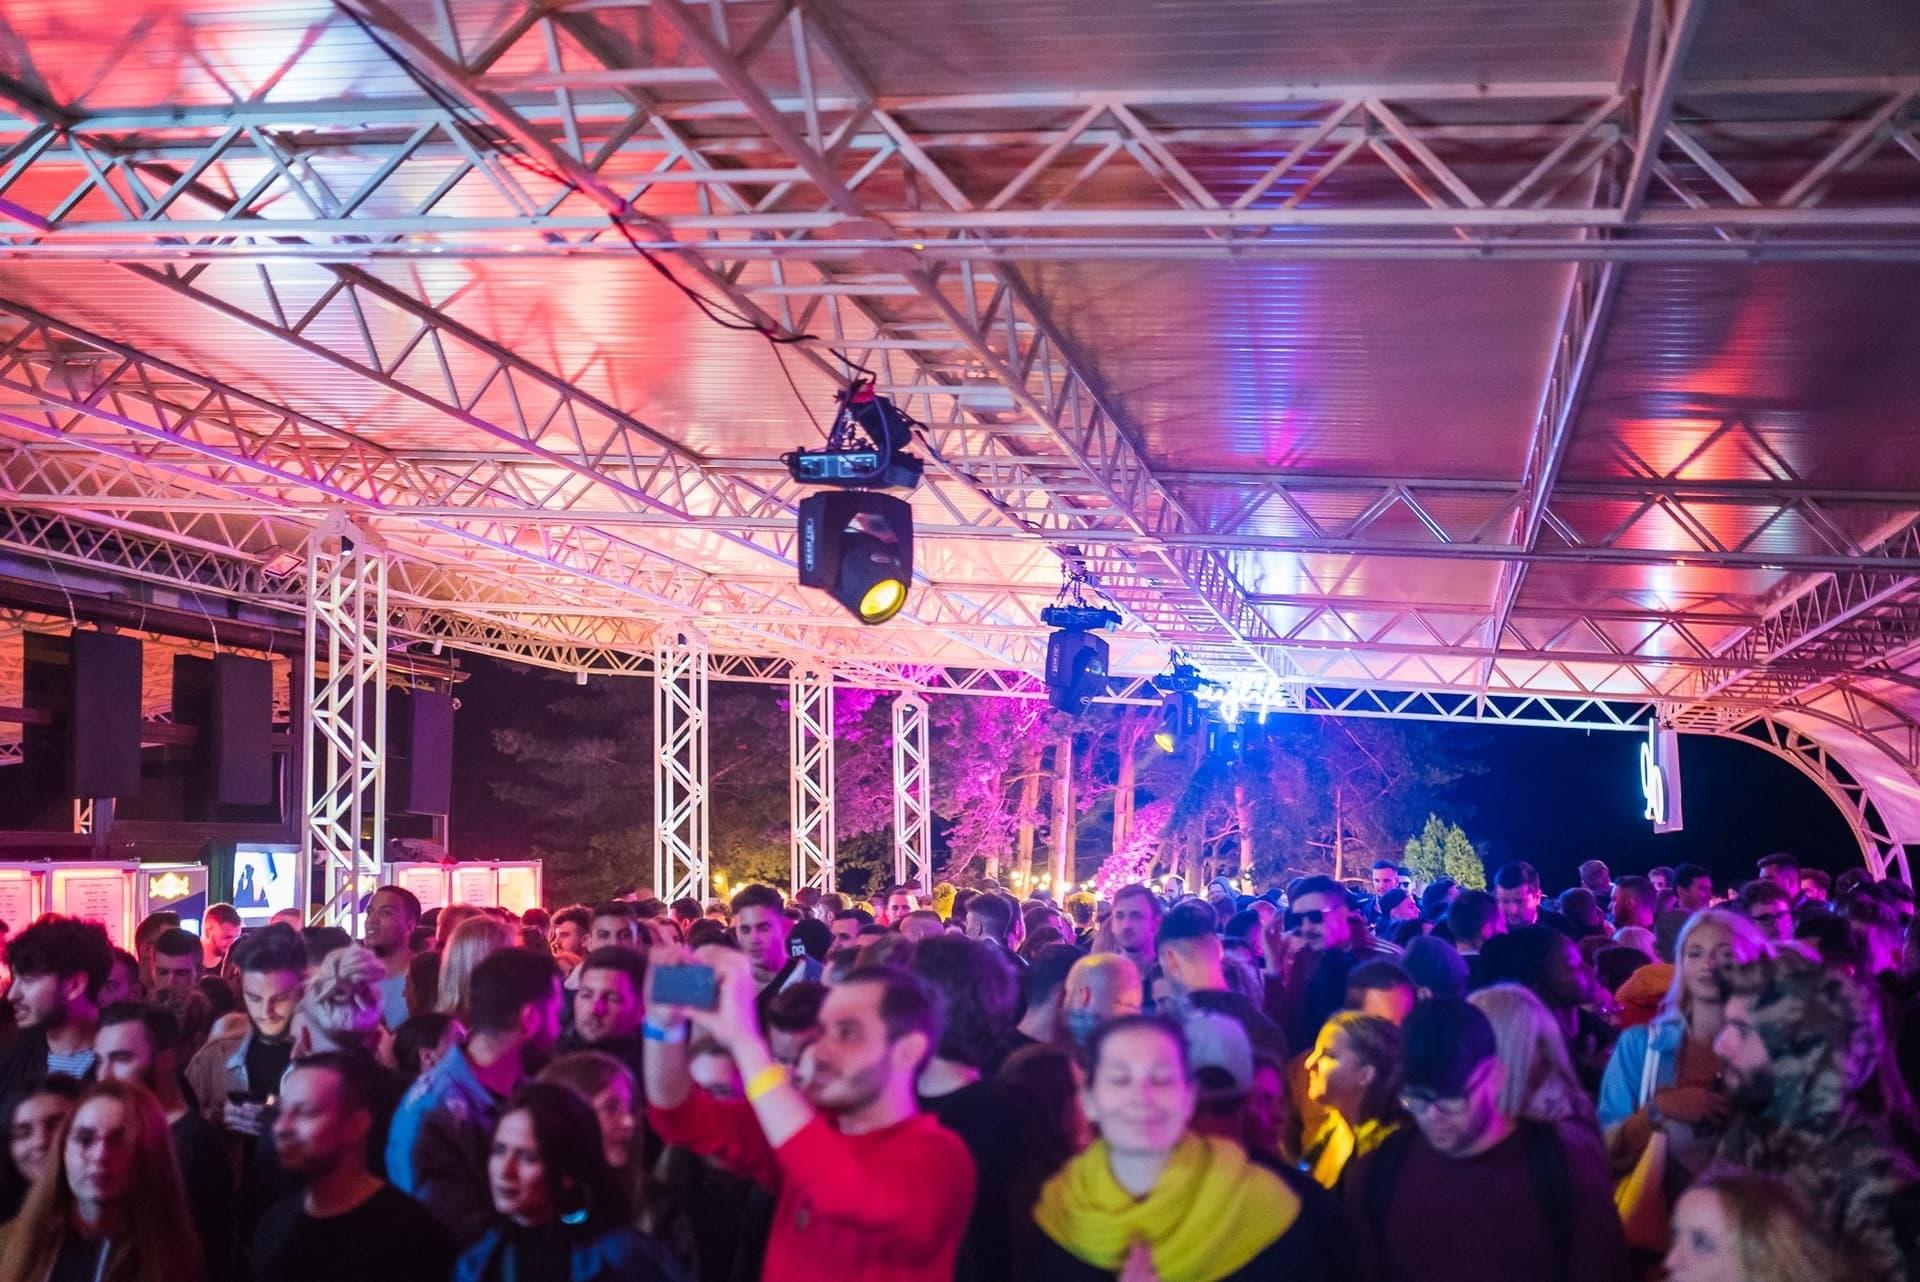 De ce Alandala a rămas unul dintre conceptele noastre preferate de petreceri de-a lungul timpului